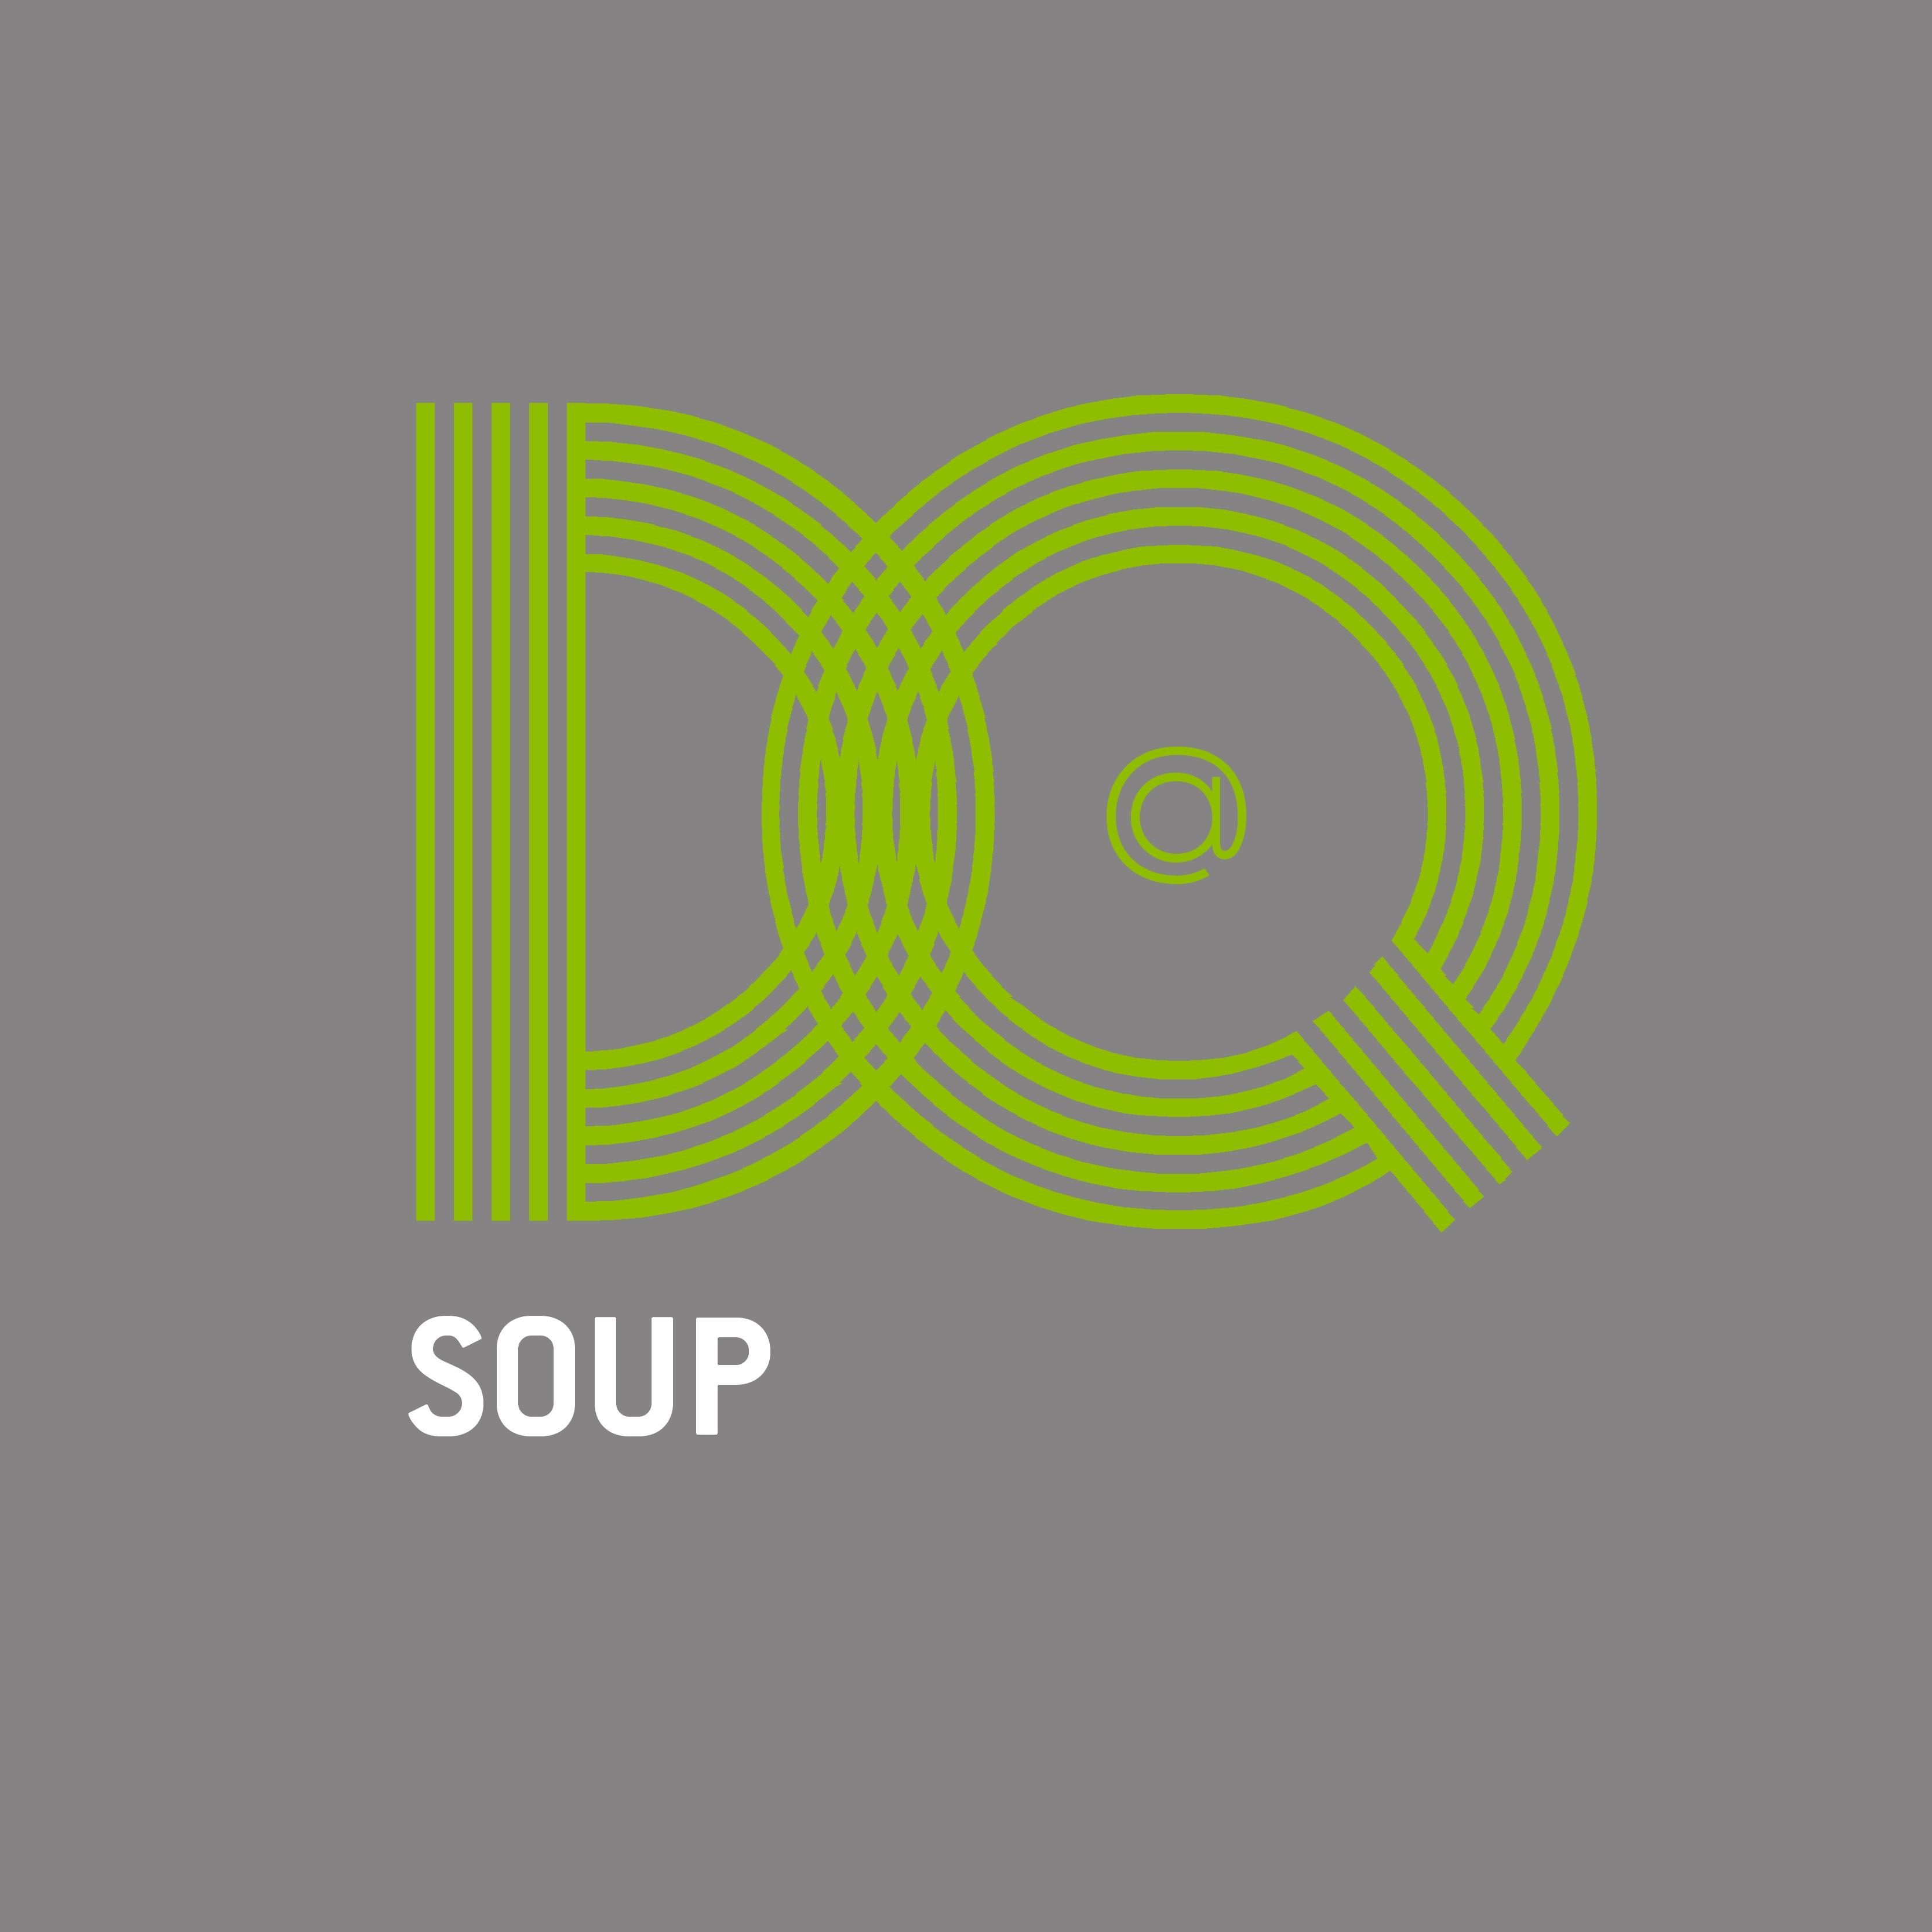 02. DQ - SOUP